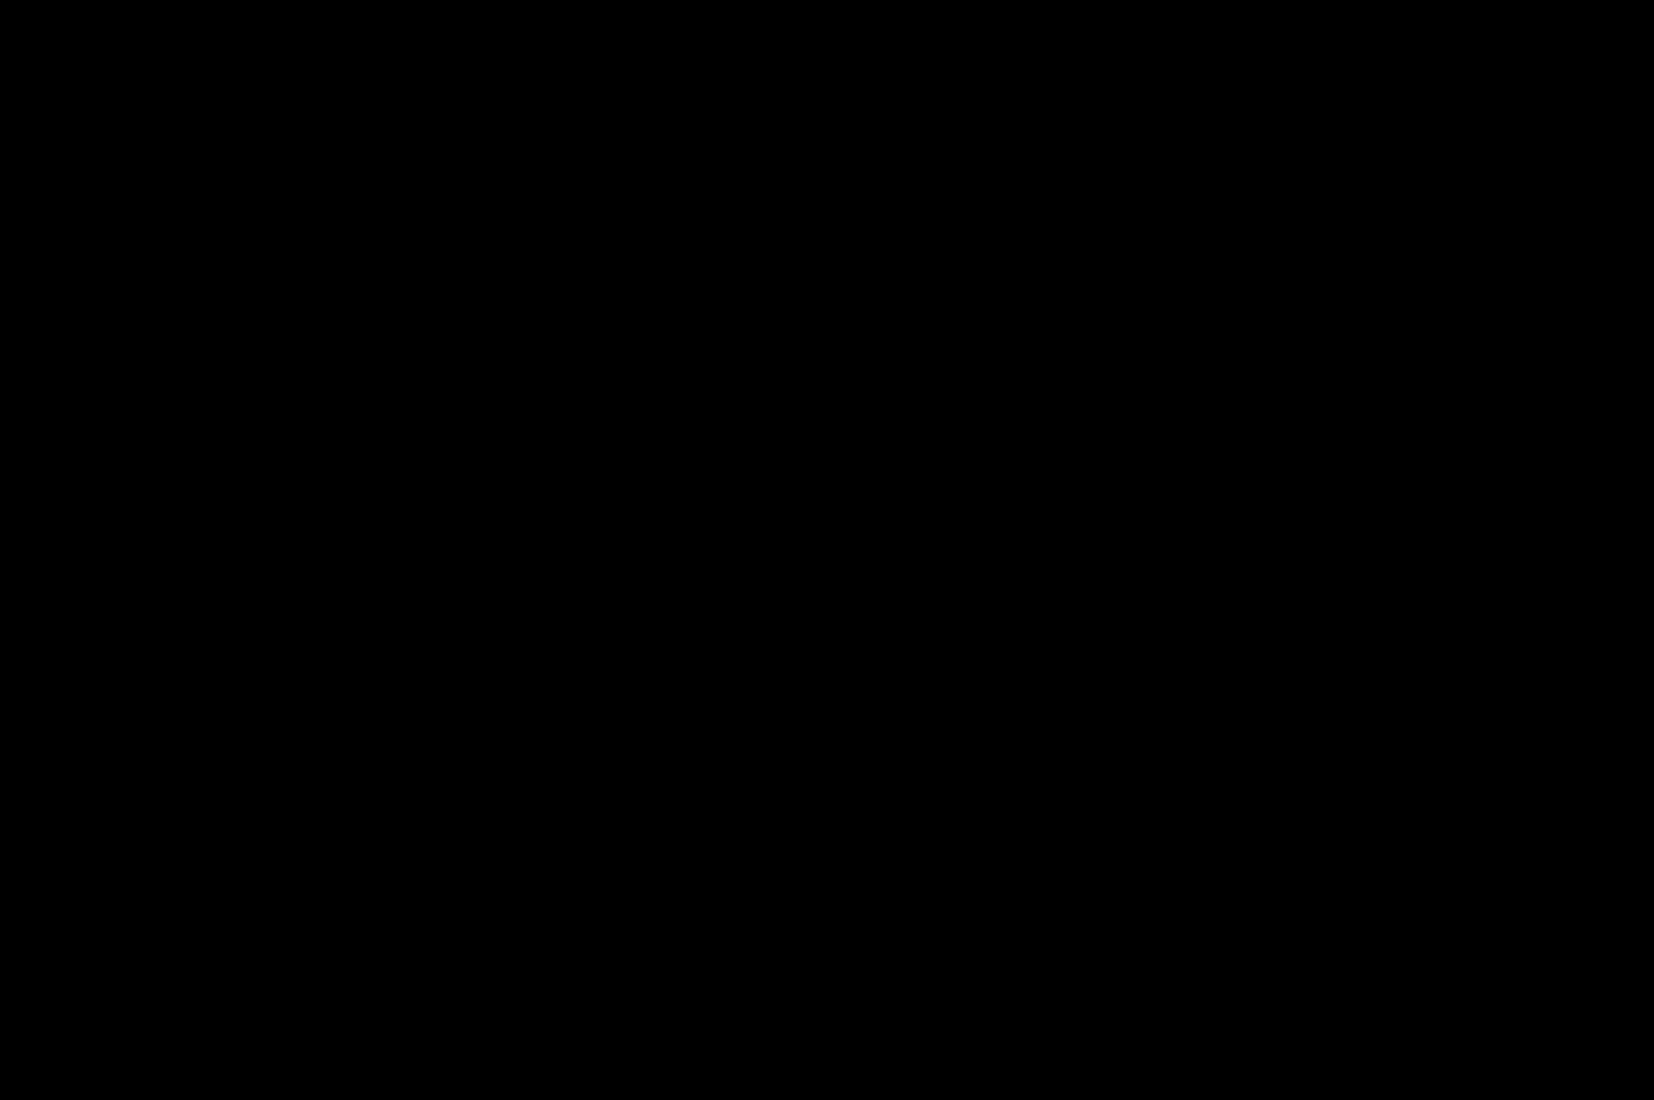 https://www.s-shika-clinic.com/asset/iGO_Logo_RGB_Positive.png